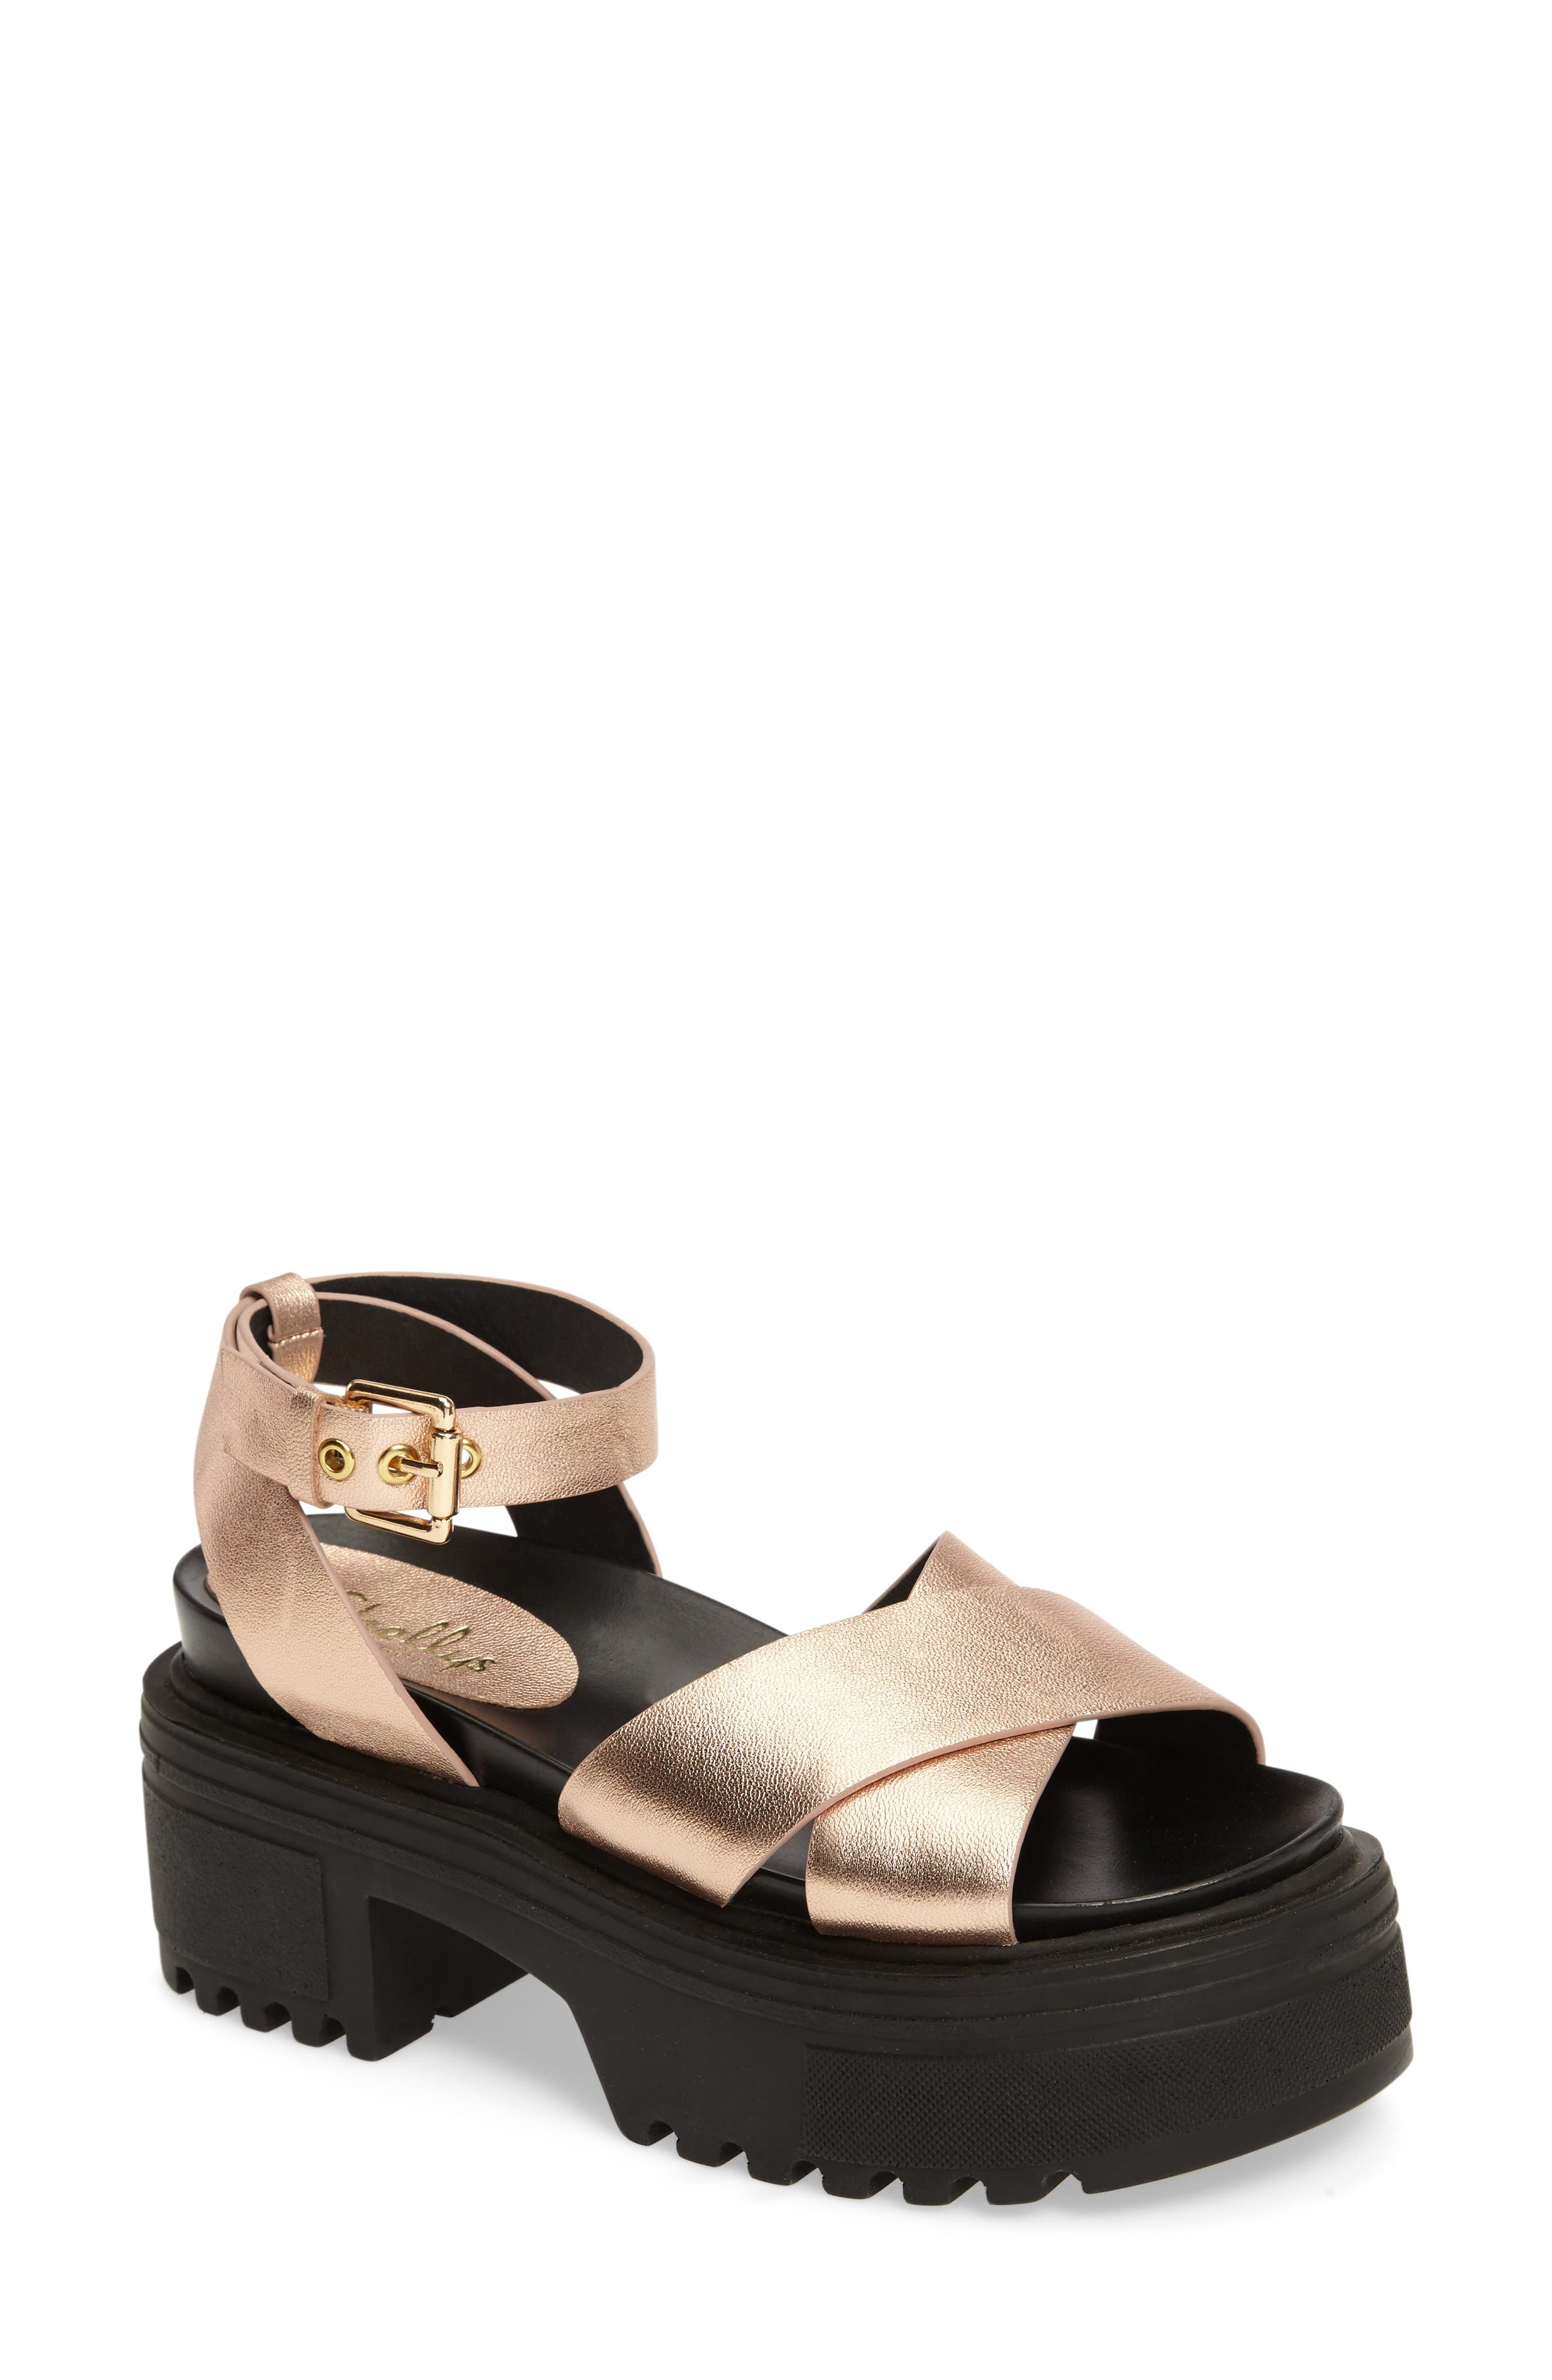 Ankle Strap Platform Sandal,                             Main thumbnail 1, color,                             712